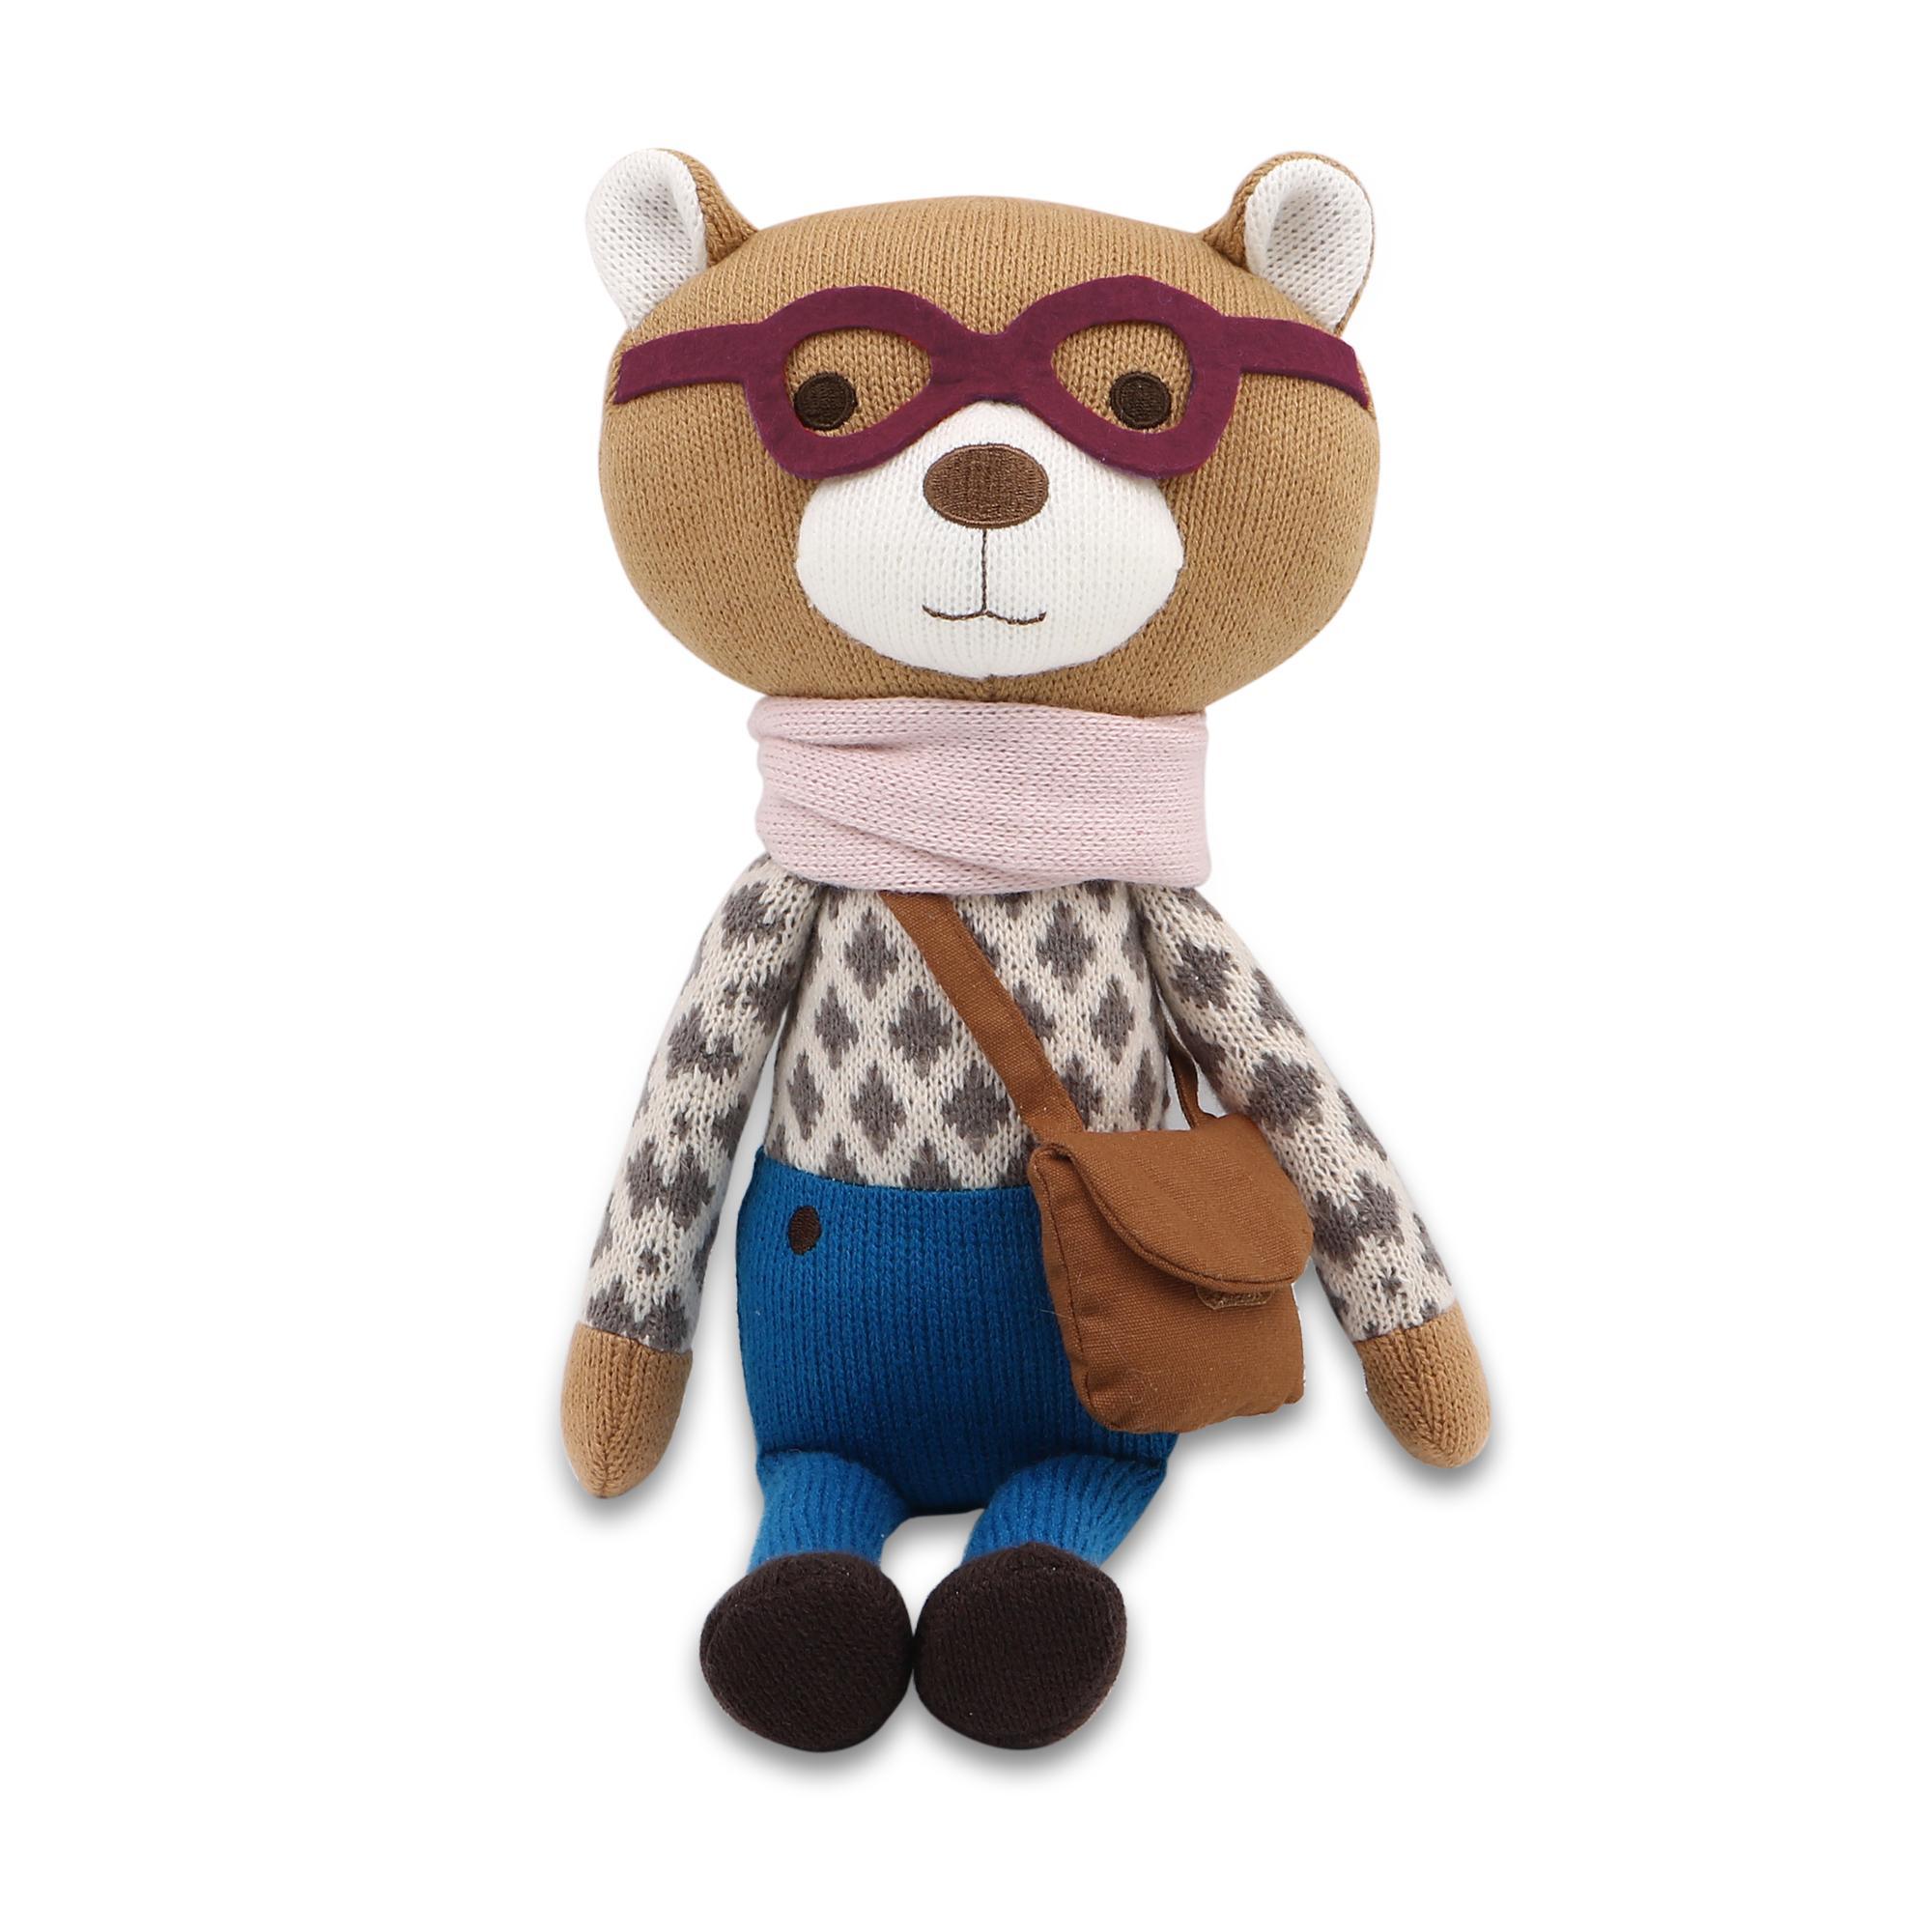 Peanut Shell Charlie the Bear Knit Plush